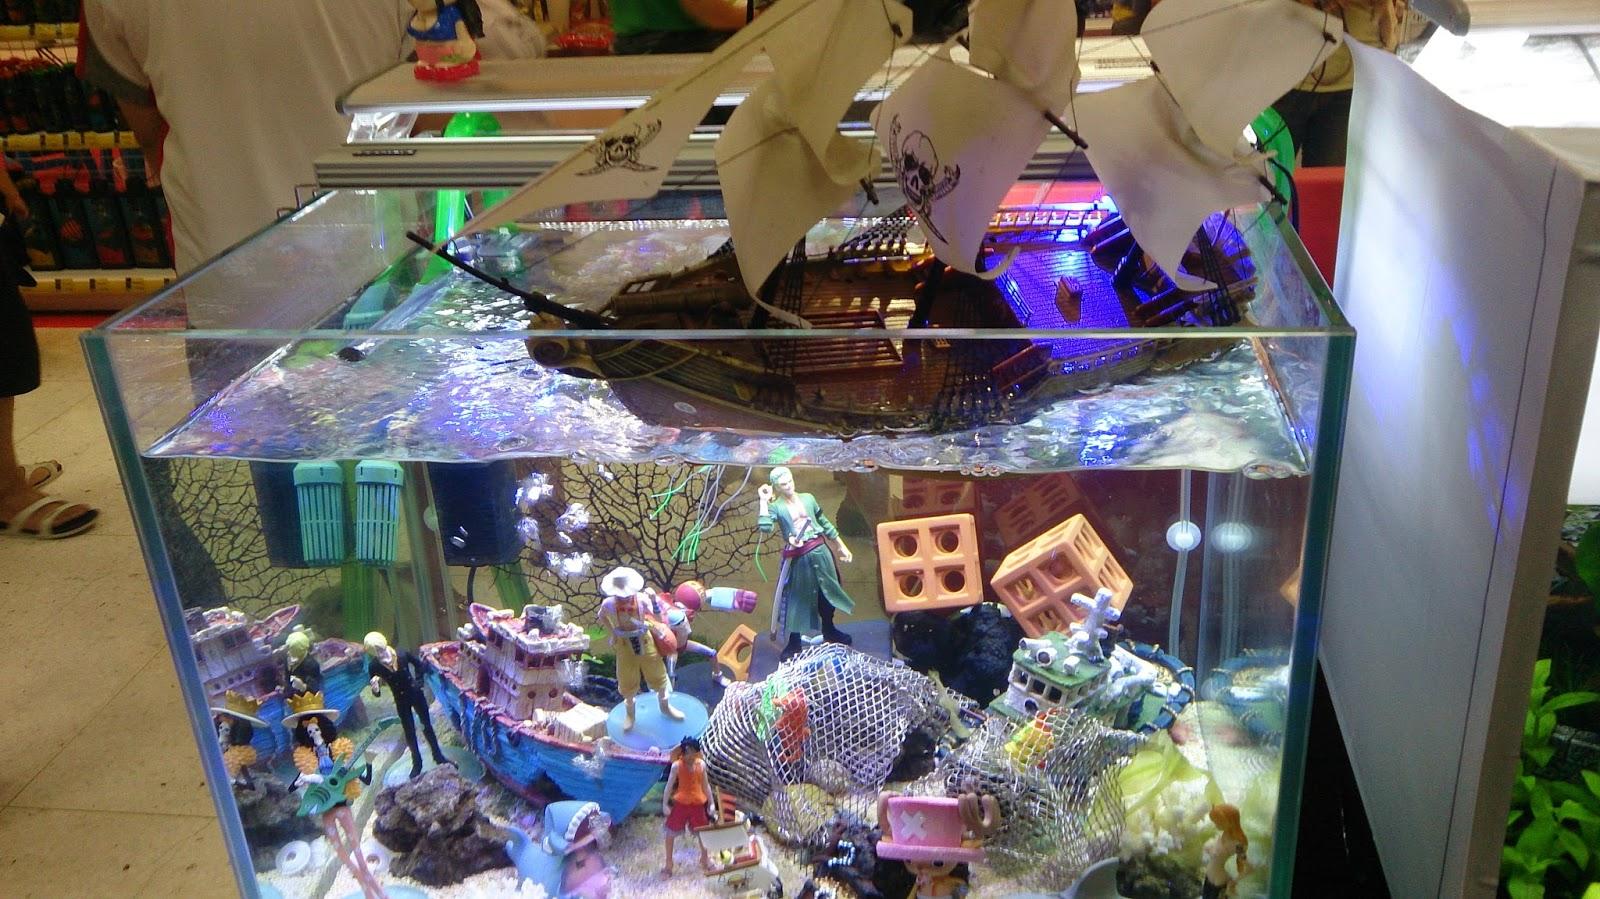 臺中寵物用品暨水族用品展(圖片) - LST蘭斯特水族工坊